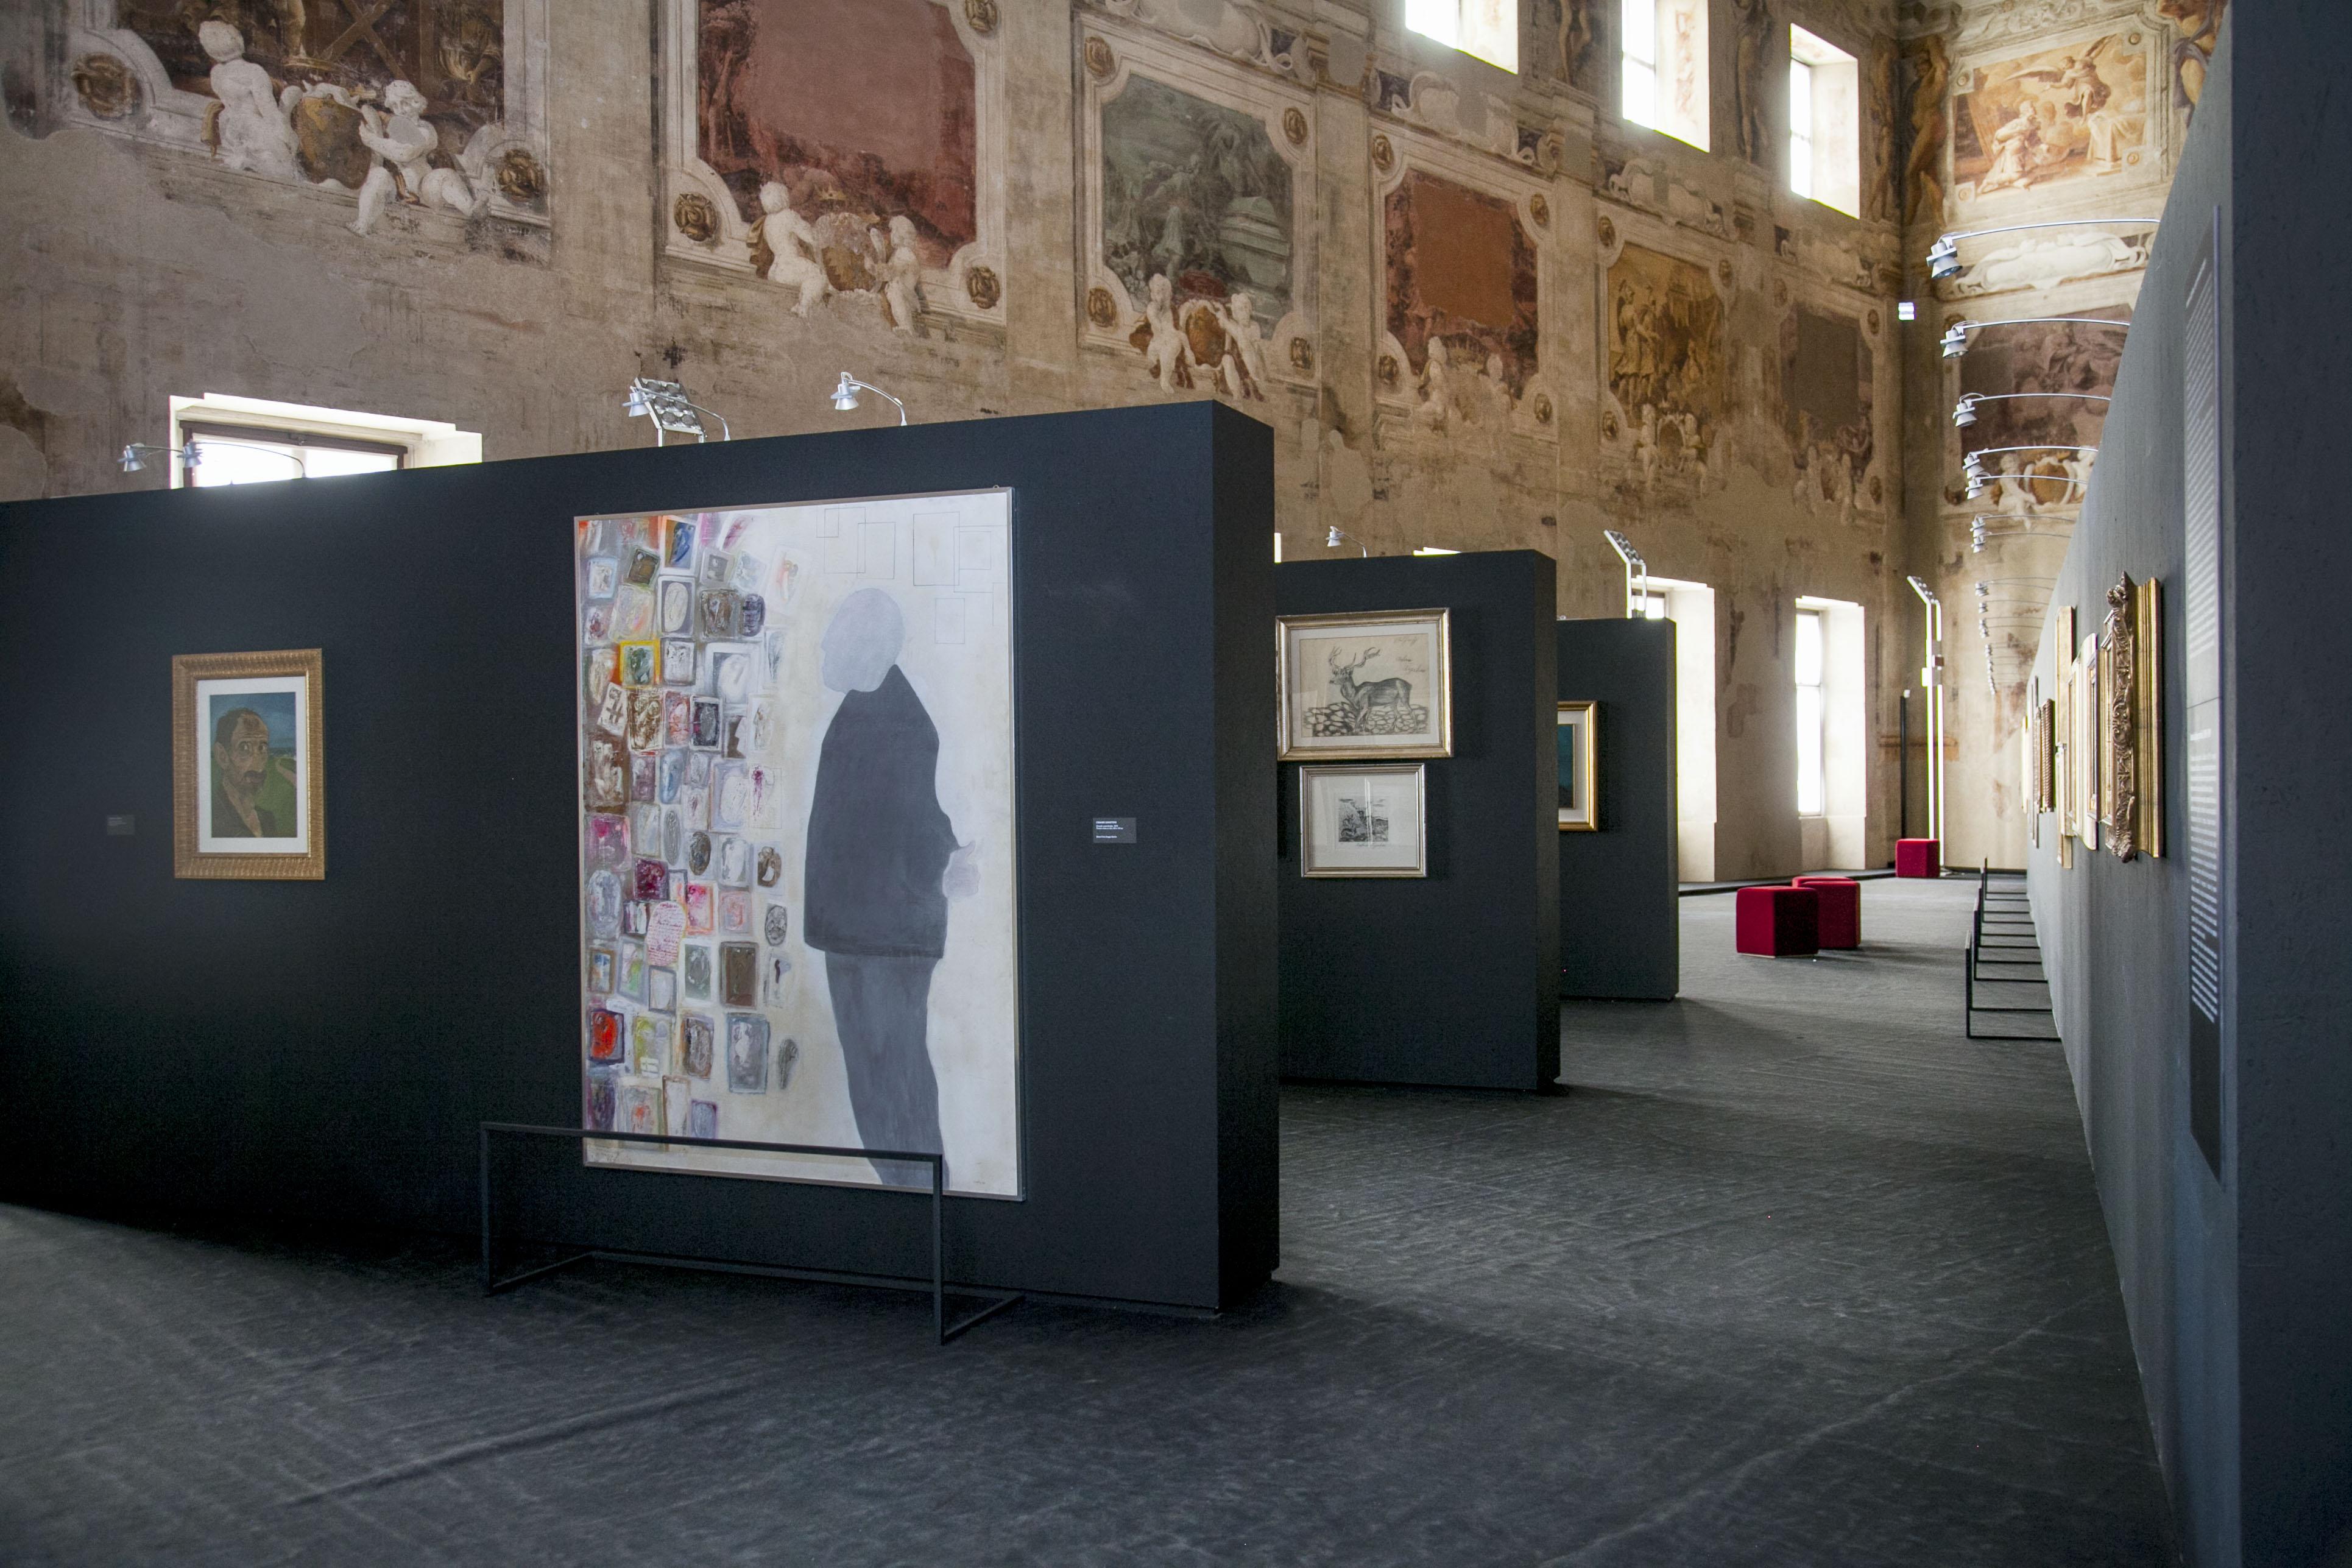 Gualtieri museo antonio ligabue e mostra ligabue - Gualtieri mobili reggio emilia ...